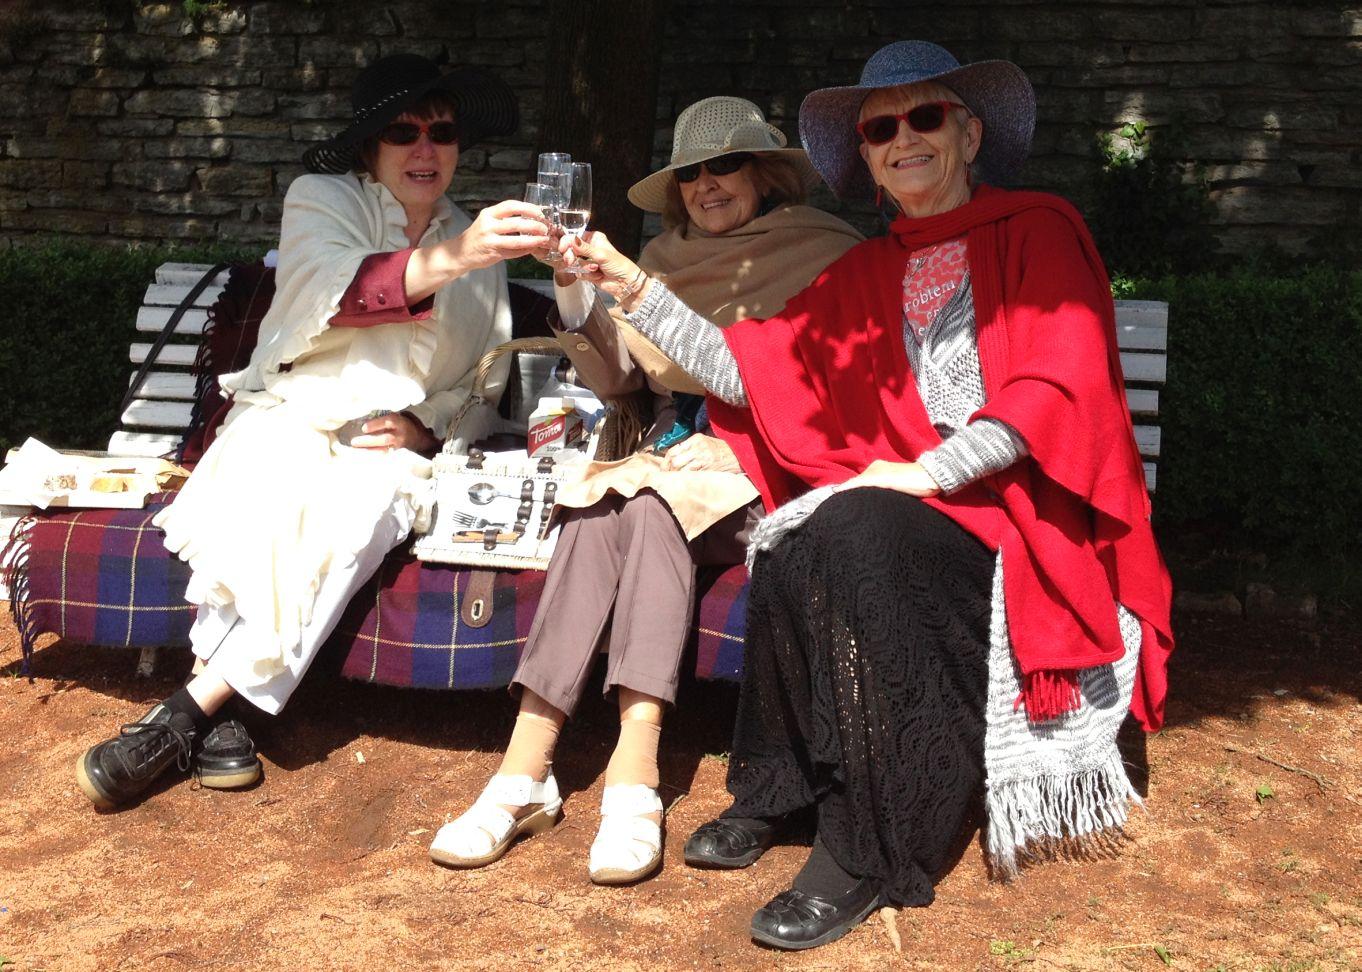 Piknik v zámecké zahradě mohou prožít v Novém Městě nad Metují všechny romantické duše